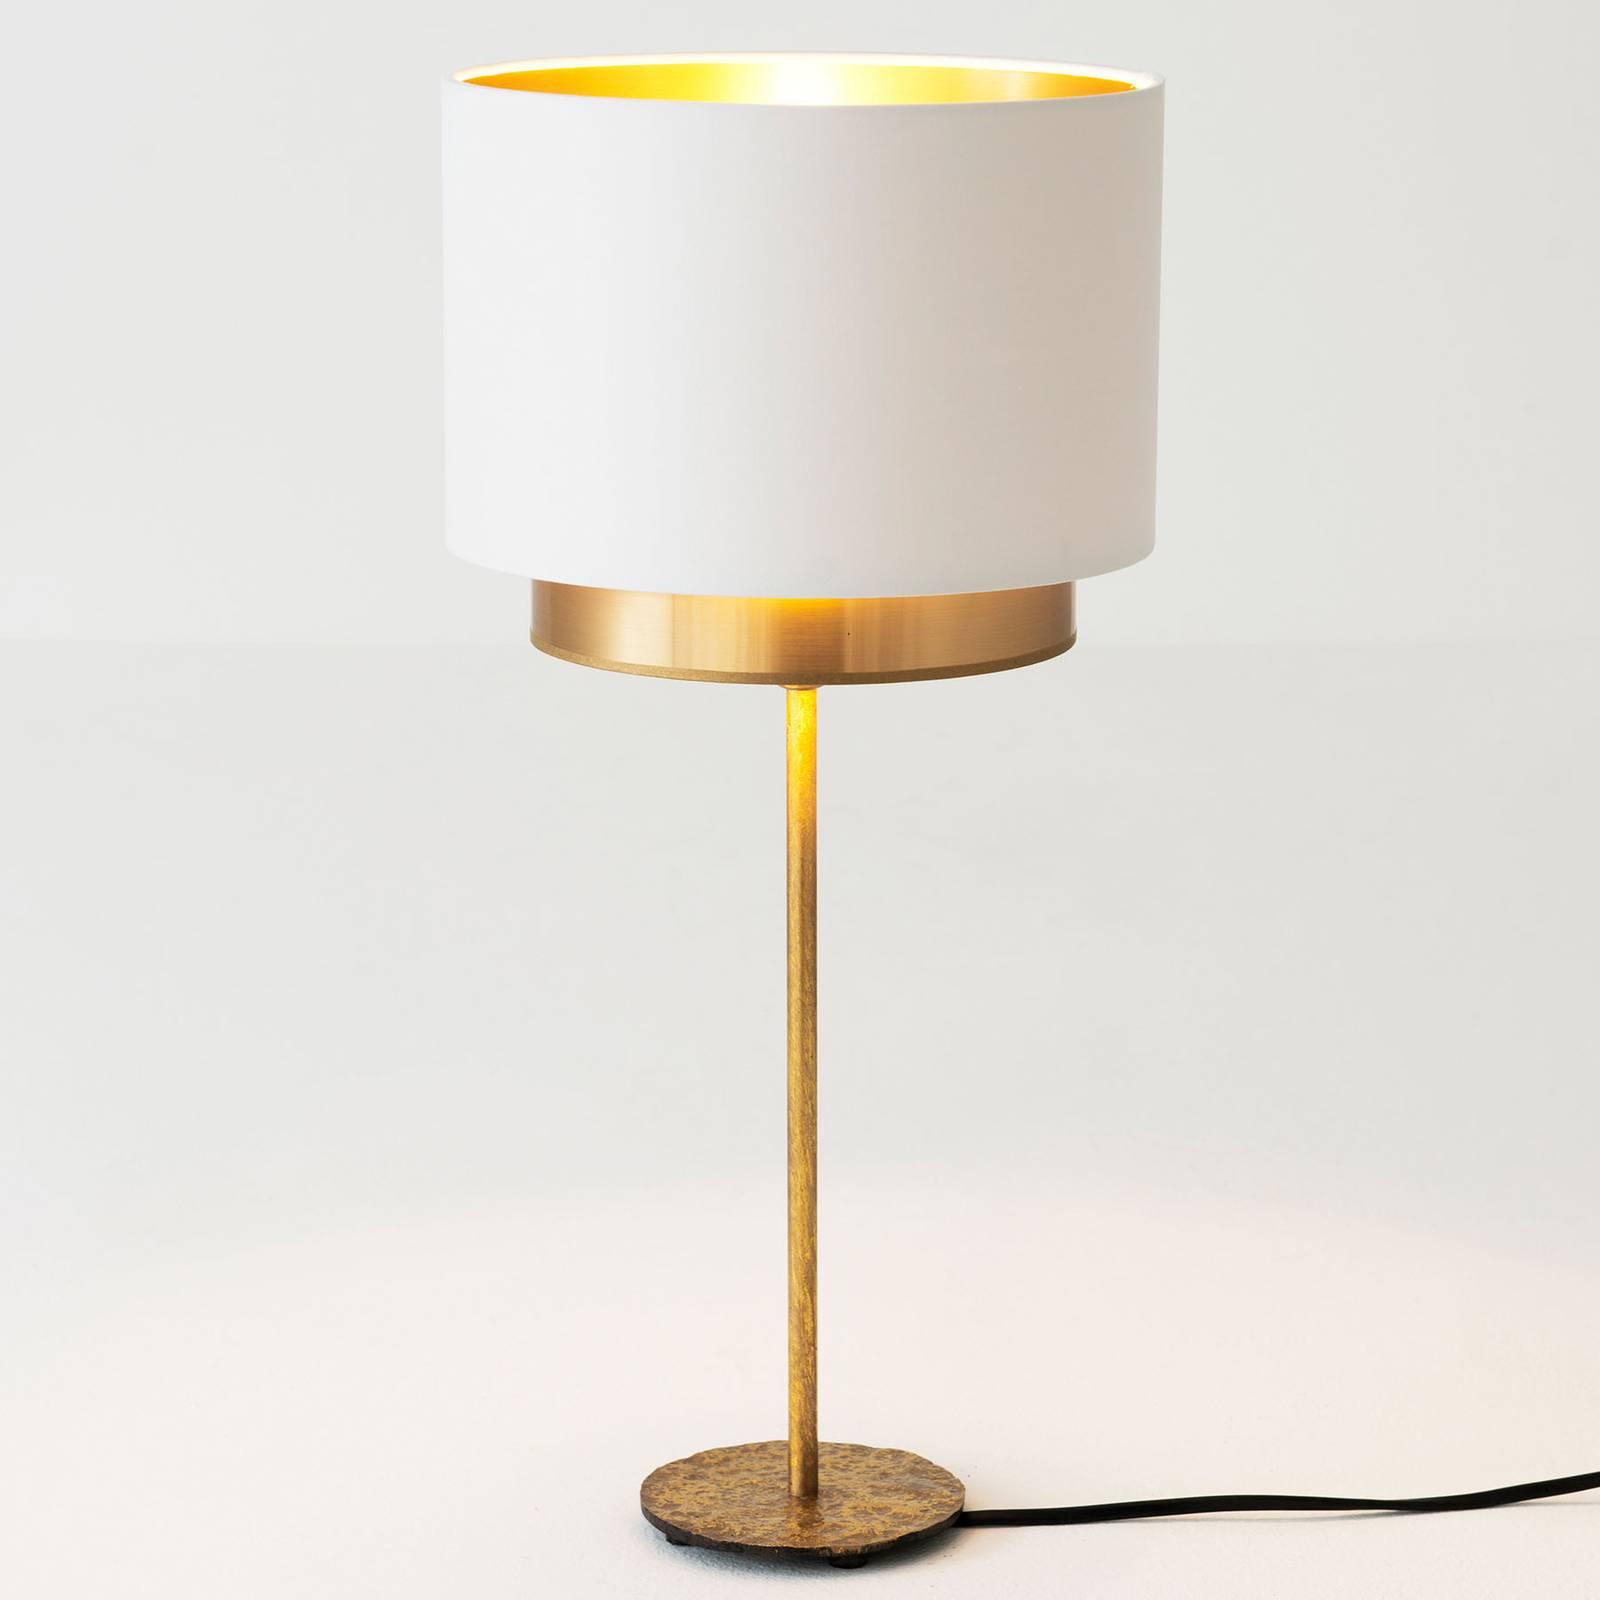 Pöytälamppu Mattia, Perla-silkki valkoinen/kulta